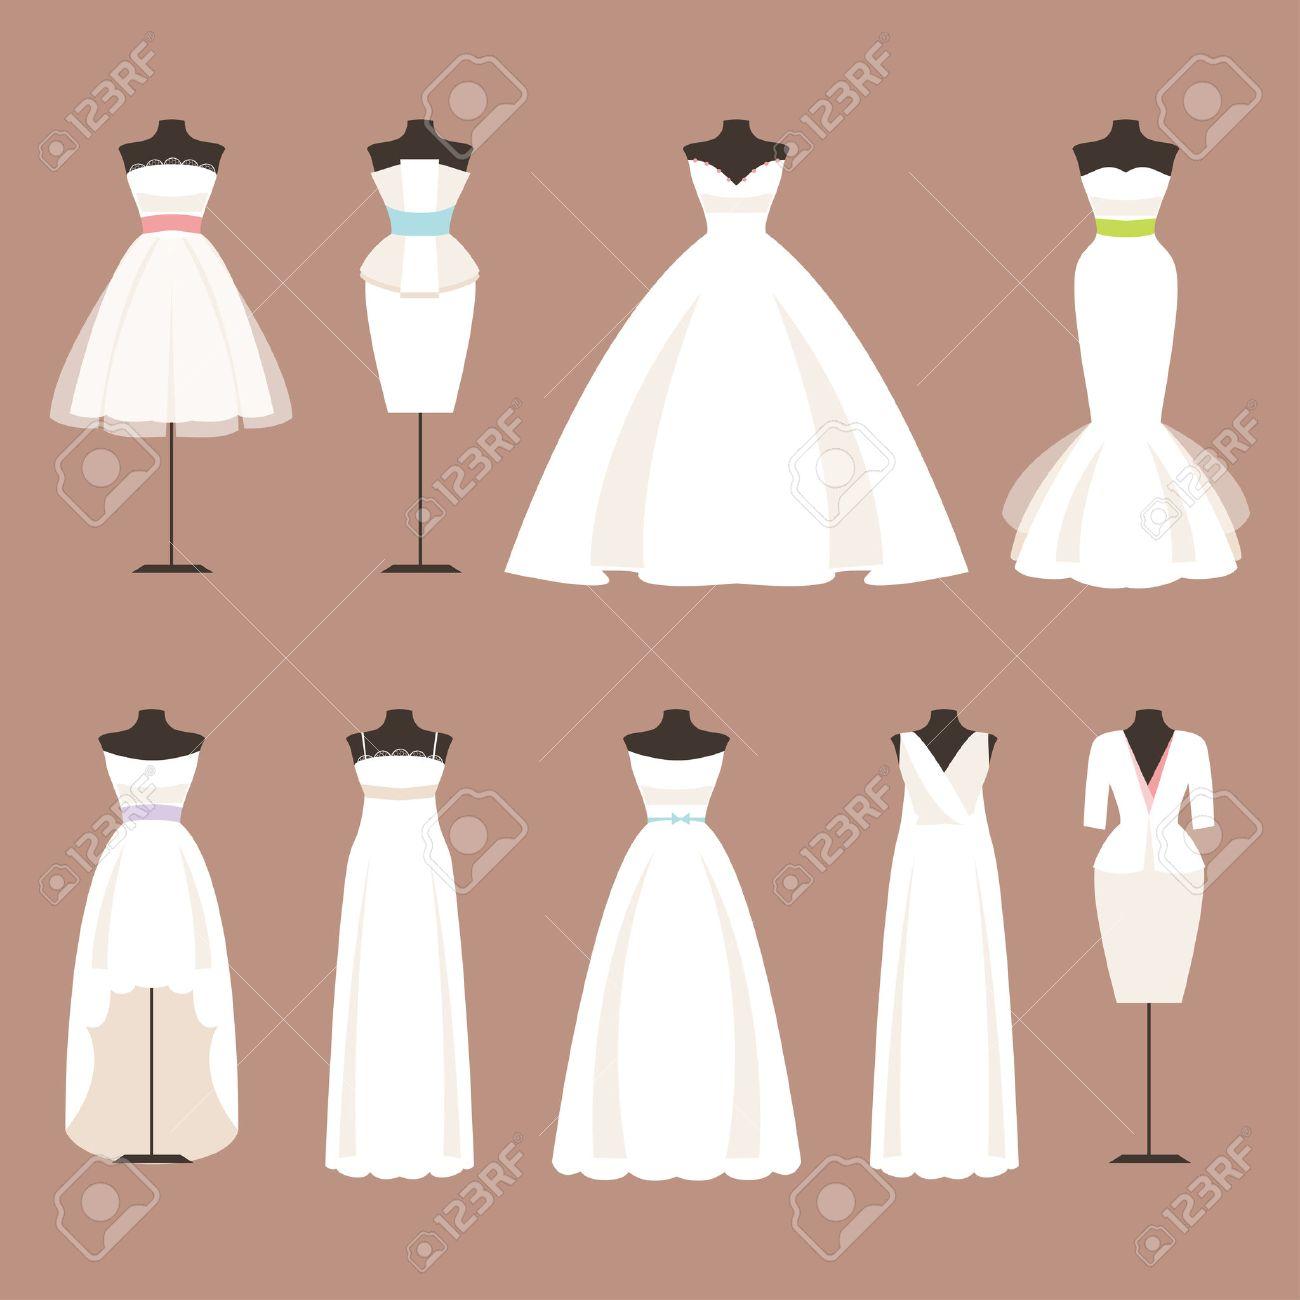 Diferentes Estilos De Vestidos De Novia En Un Maniquí